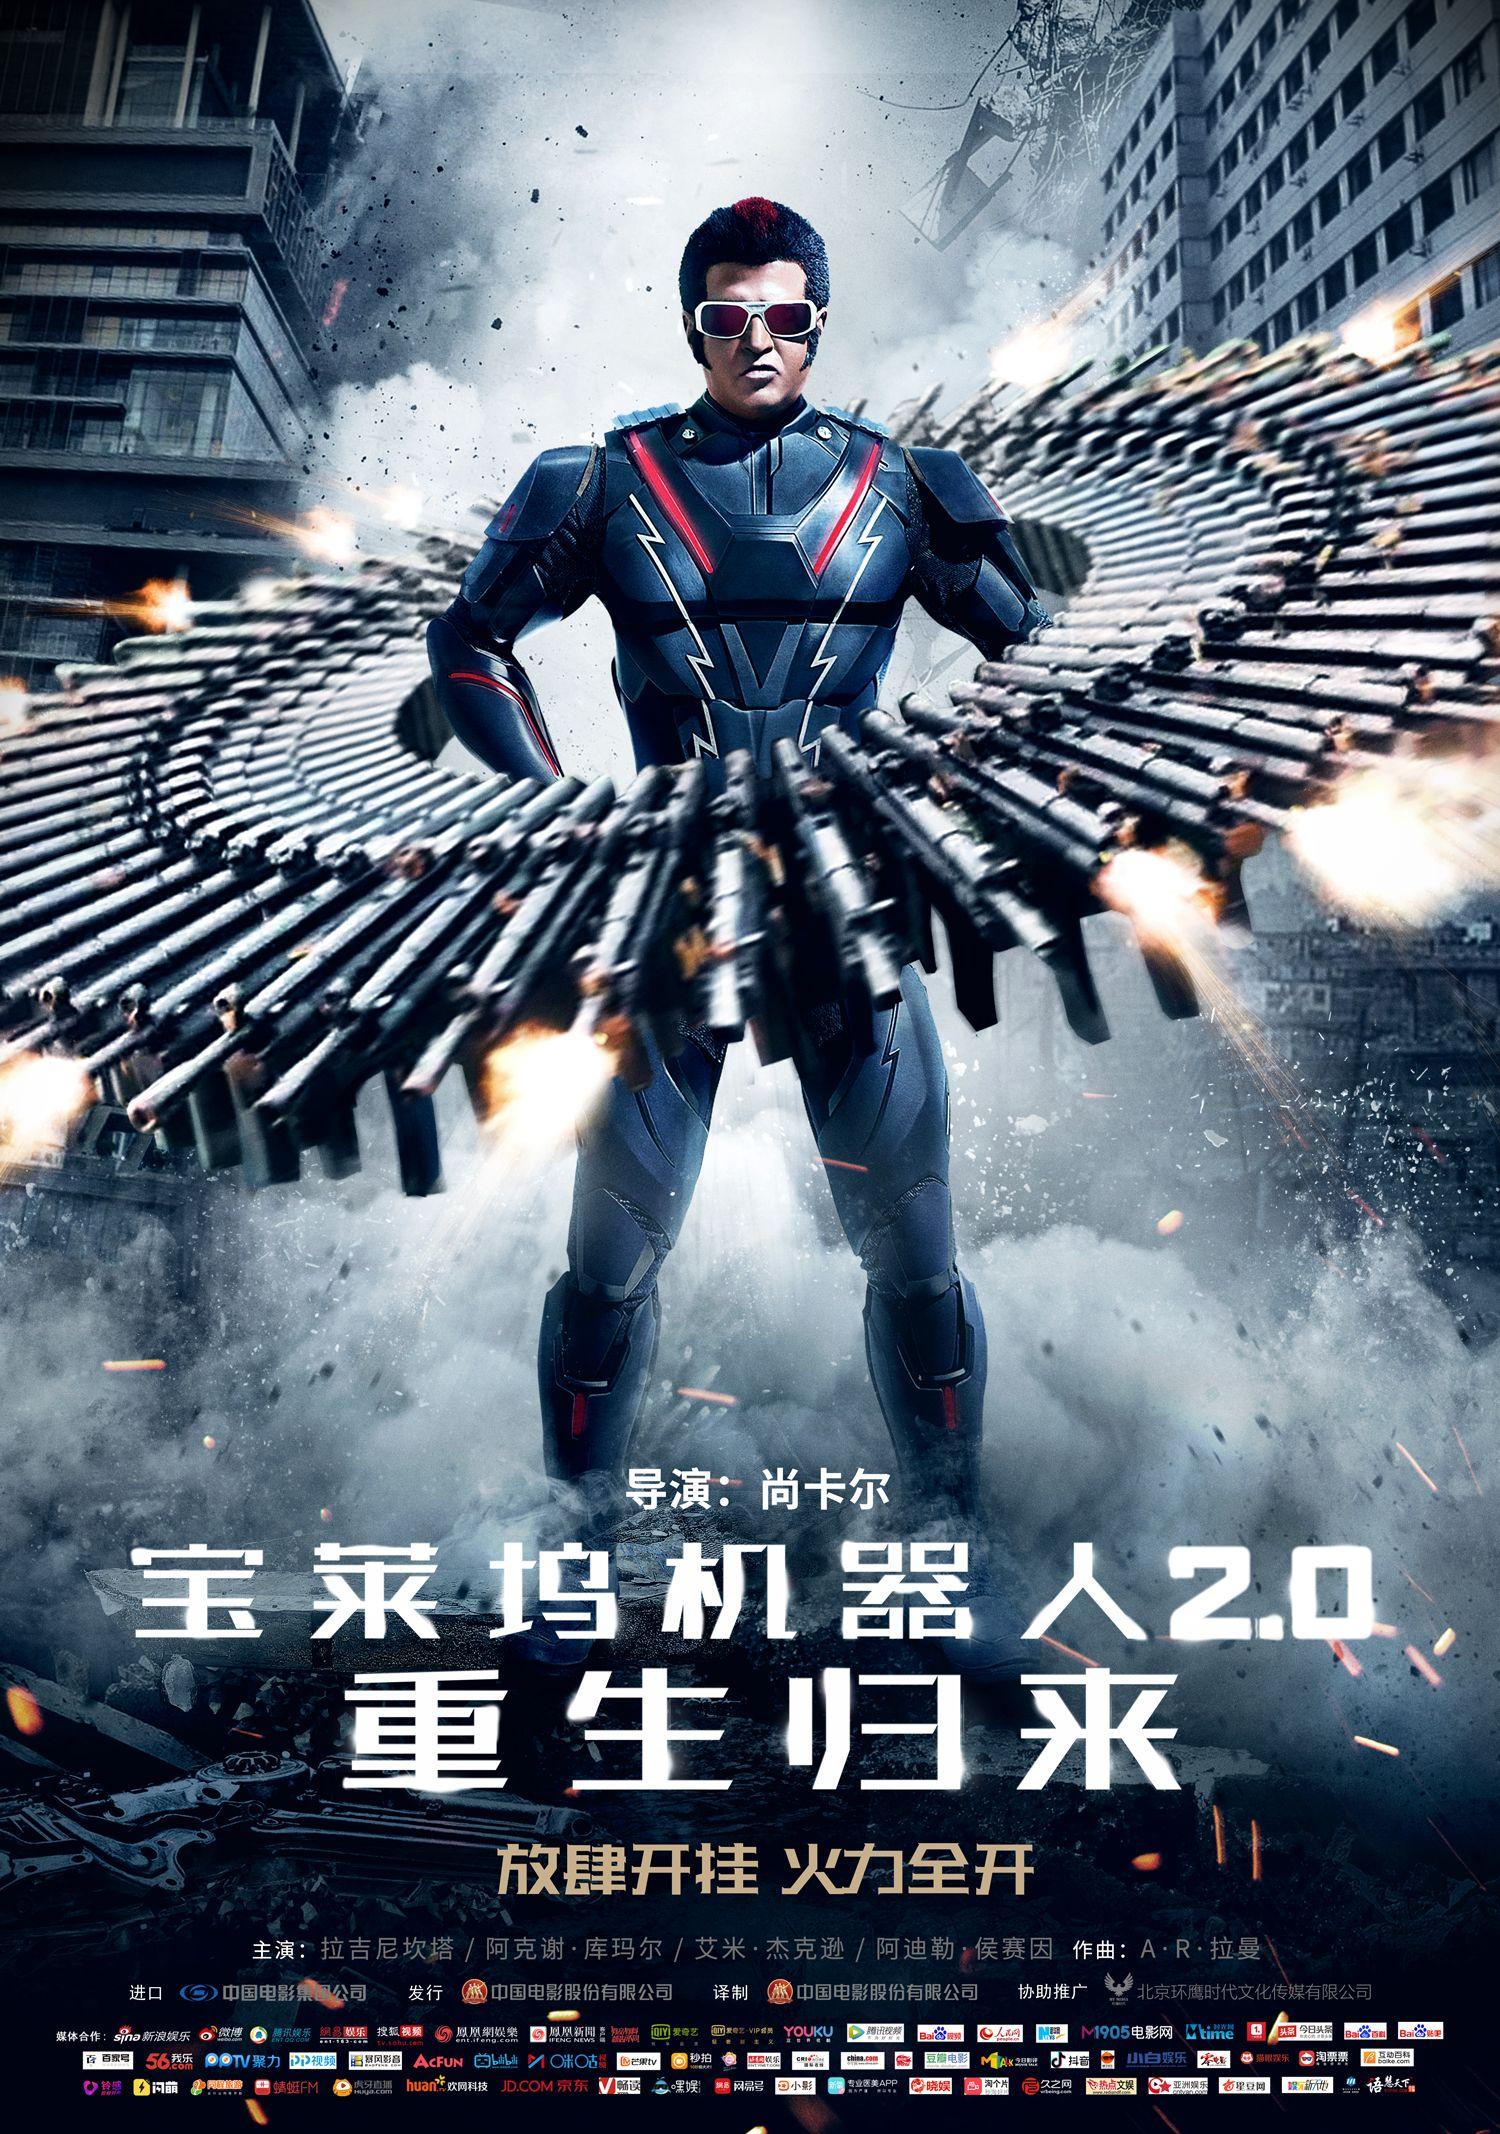 宝莱坞机器人2.0:重生归来2.0